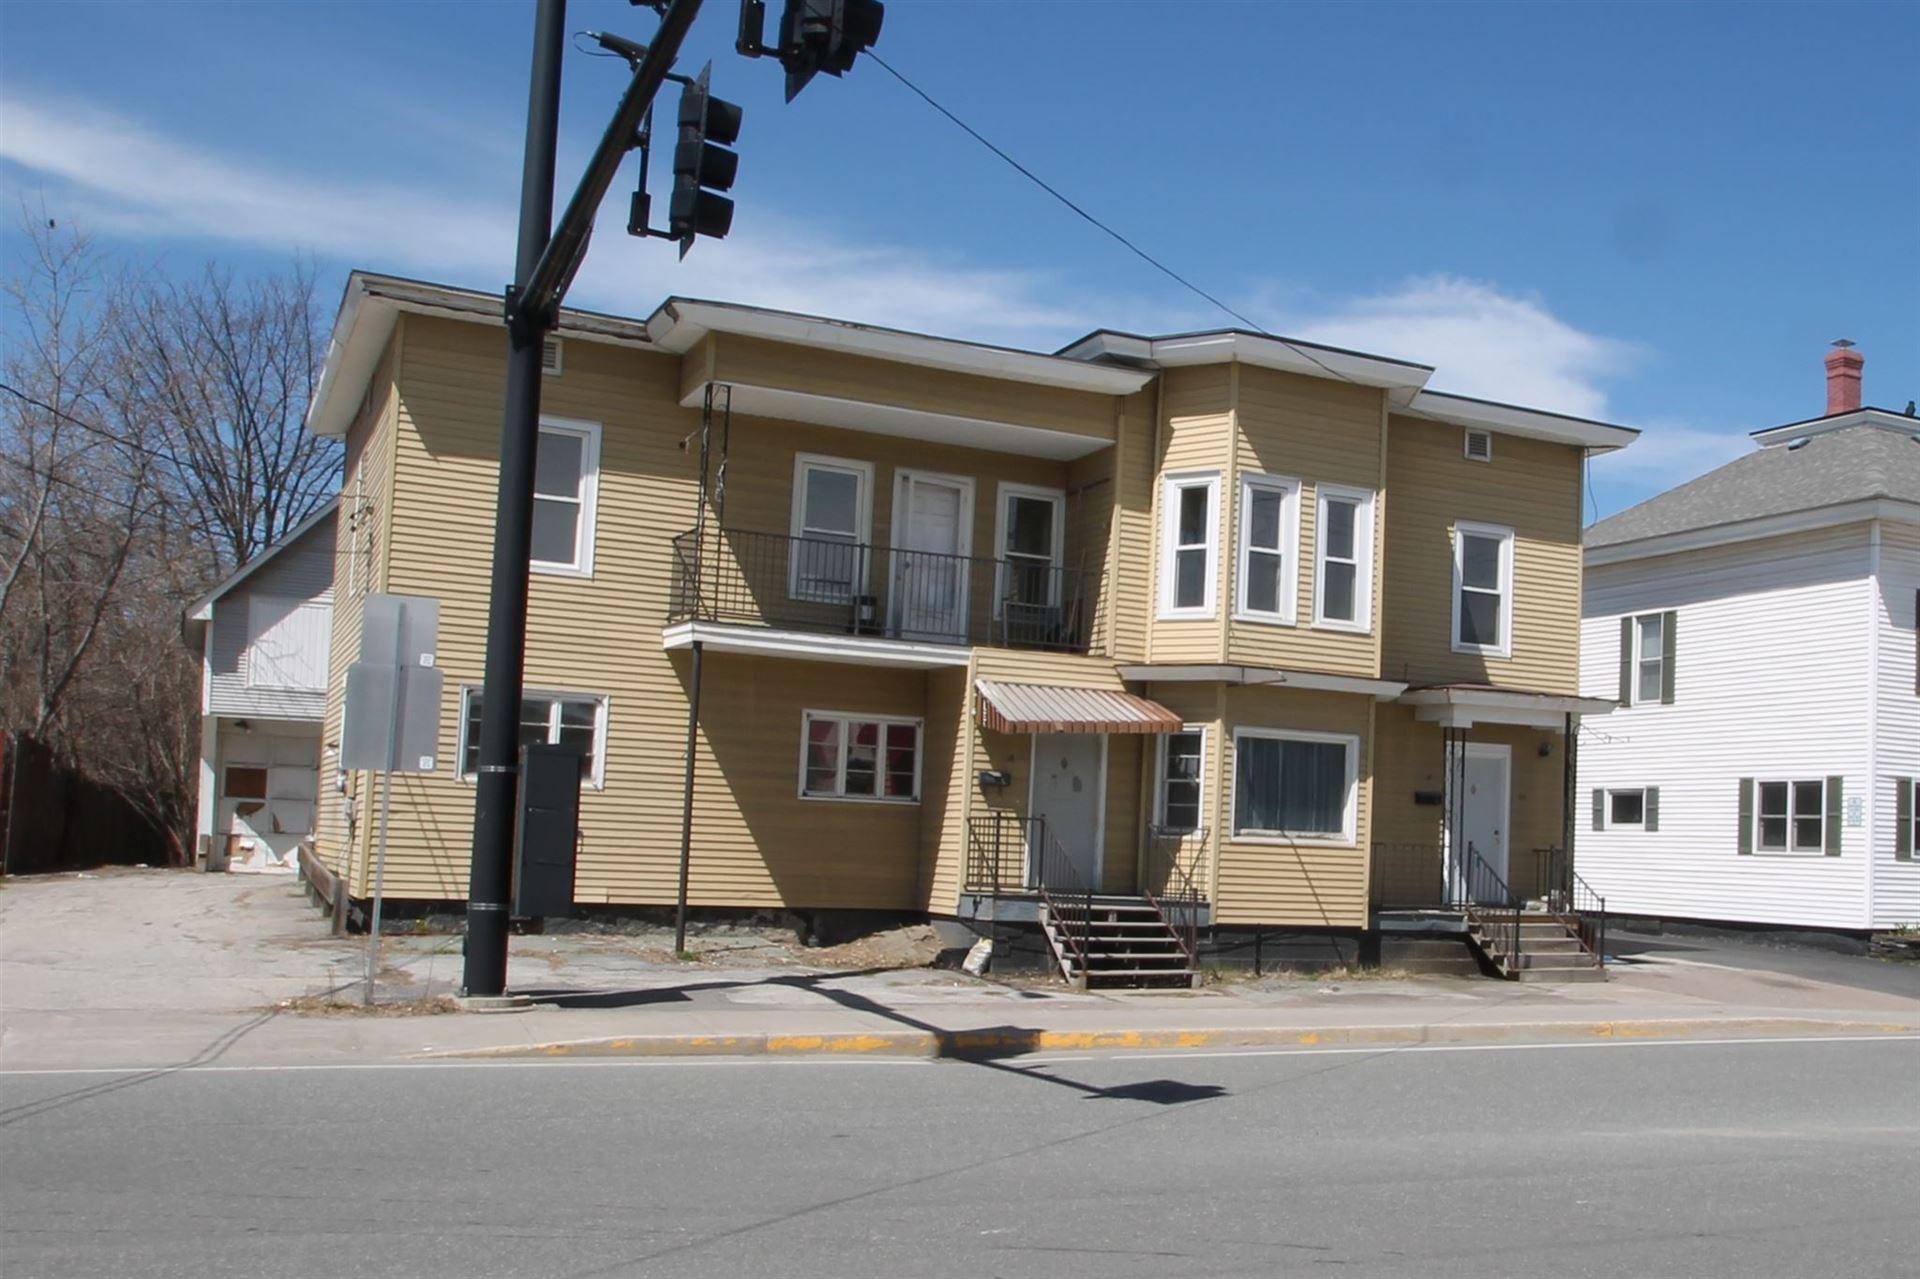 18 Maple Avenue, Barre, VT 05641 - #: 4798509